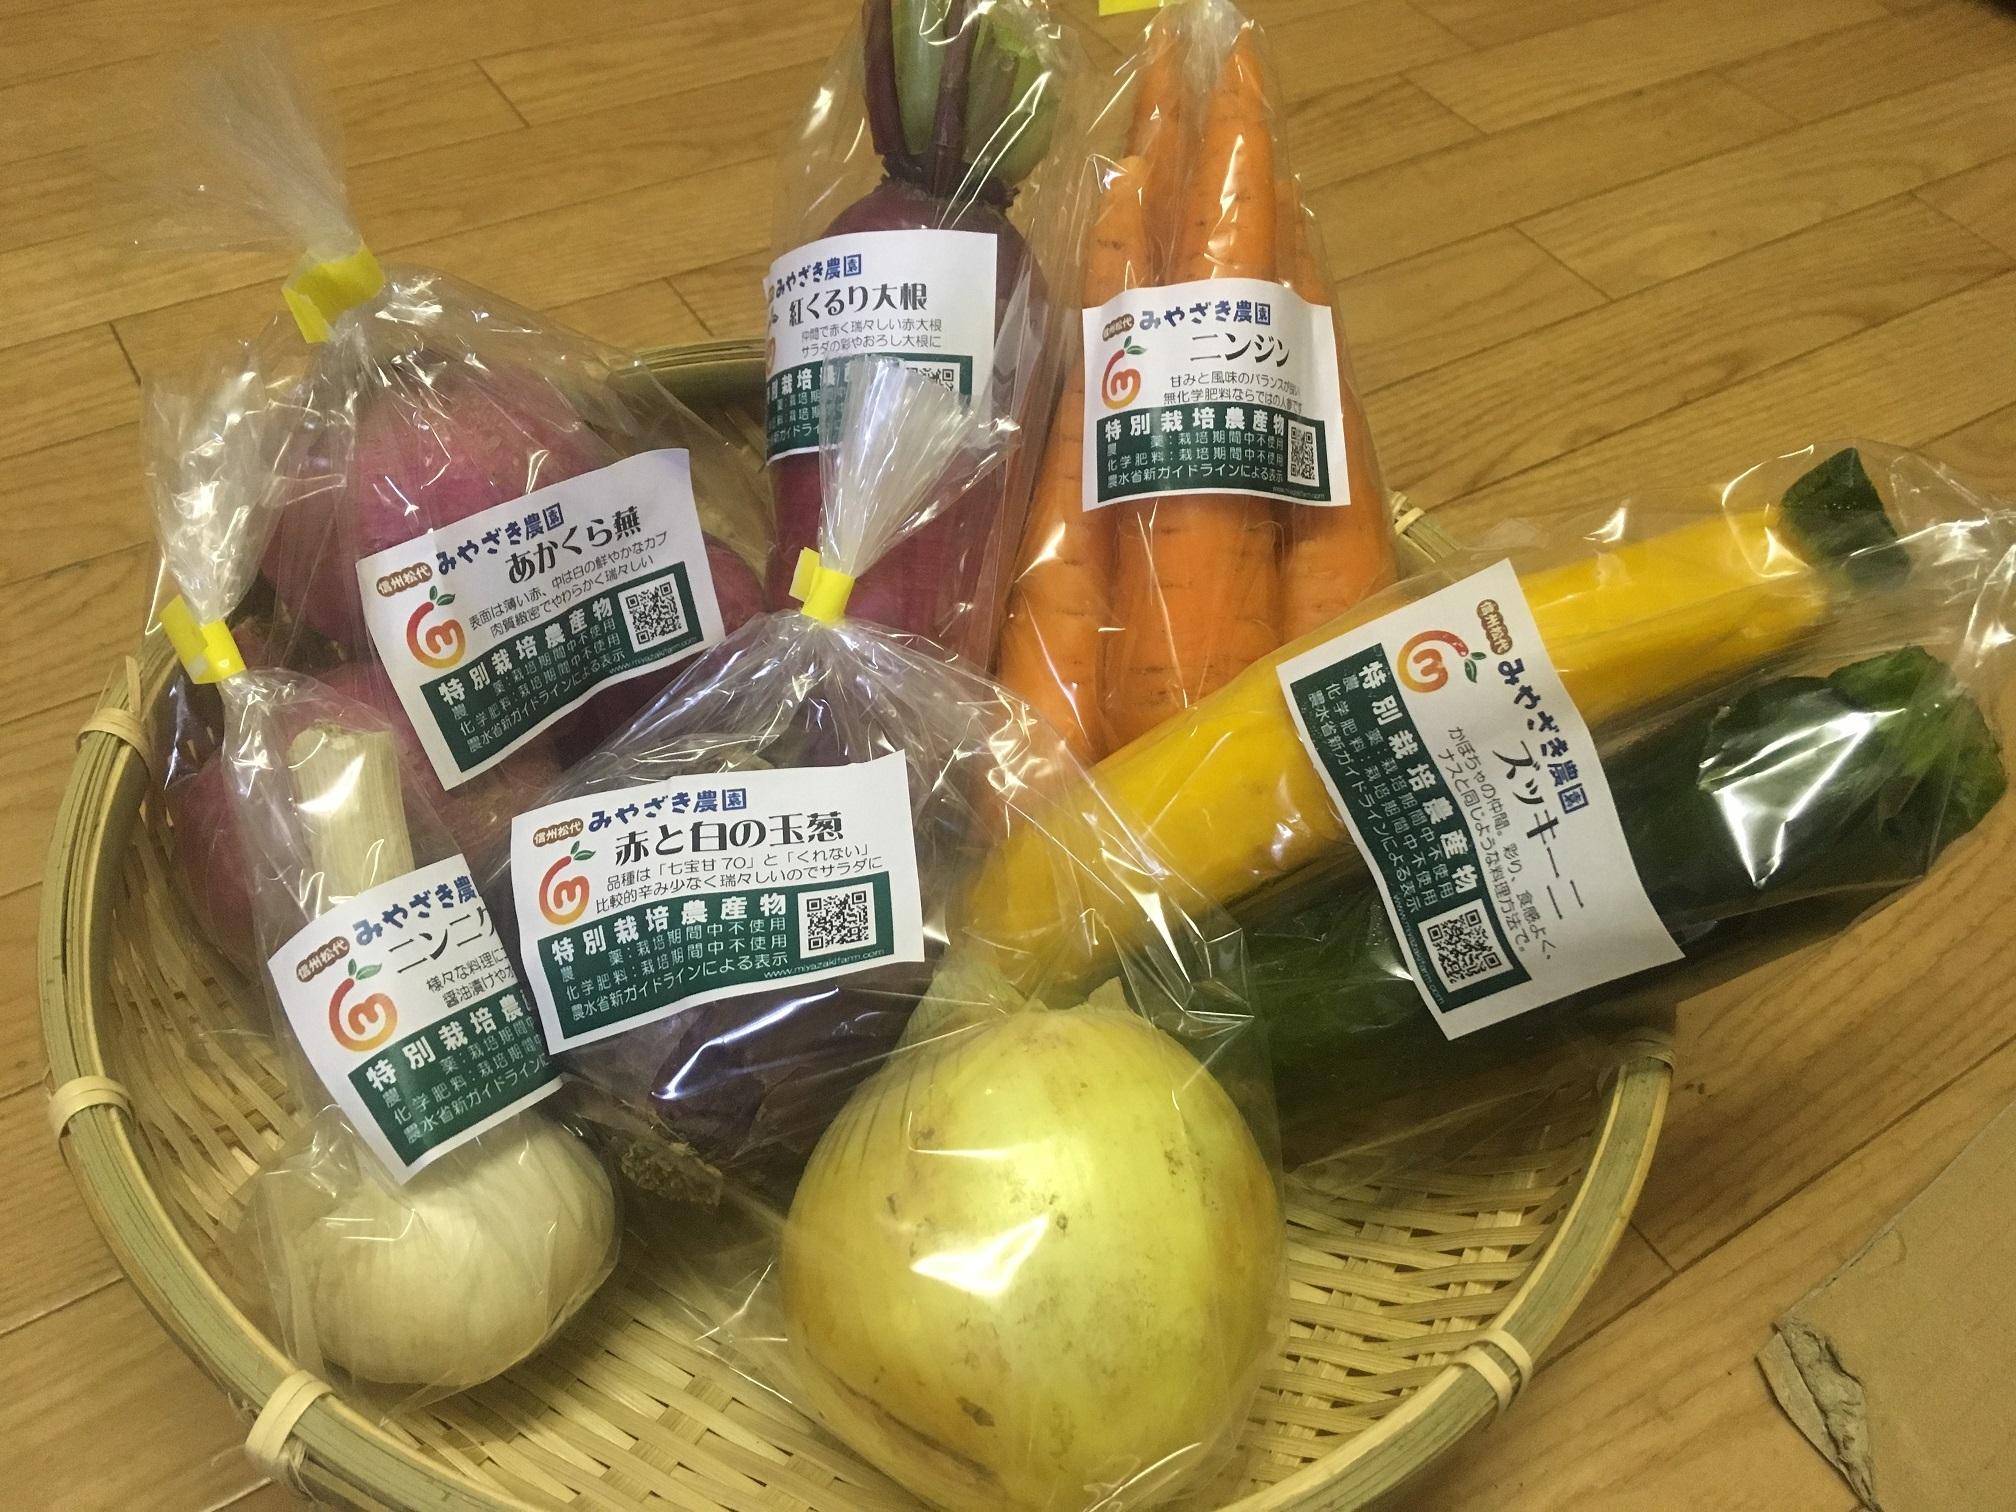 長野県無農薬野菜セット